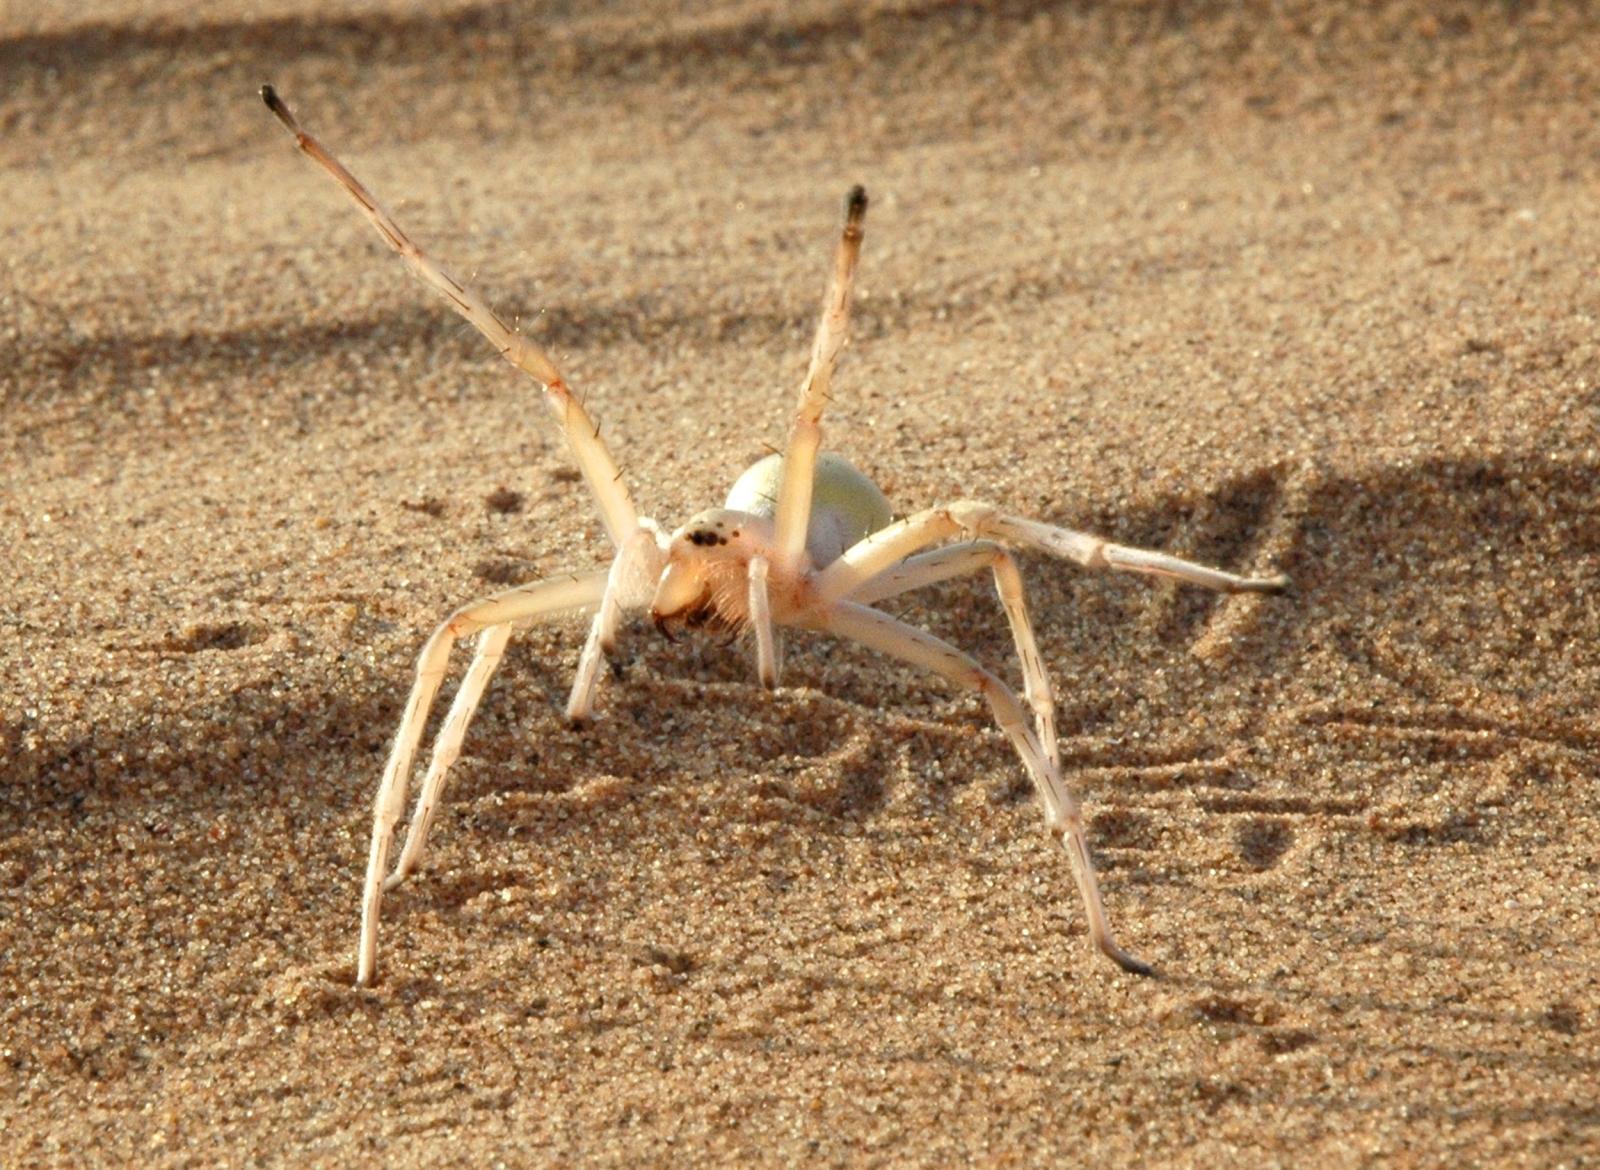 Cartwheeling spider